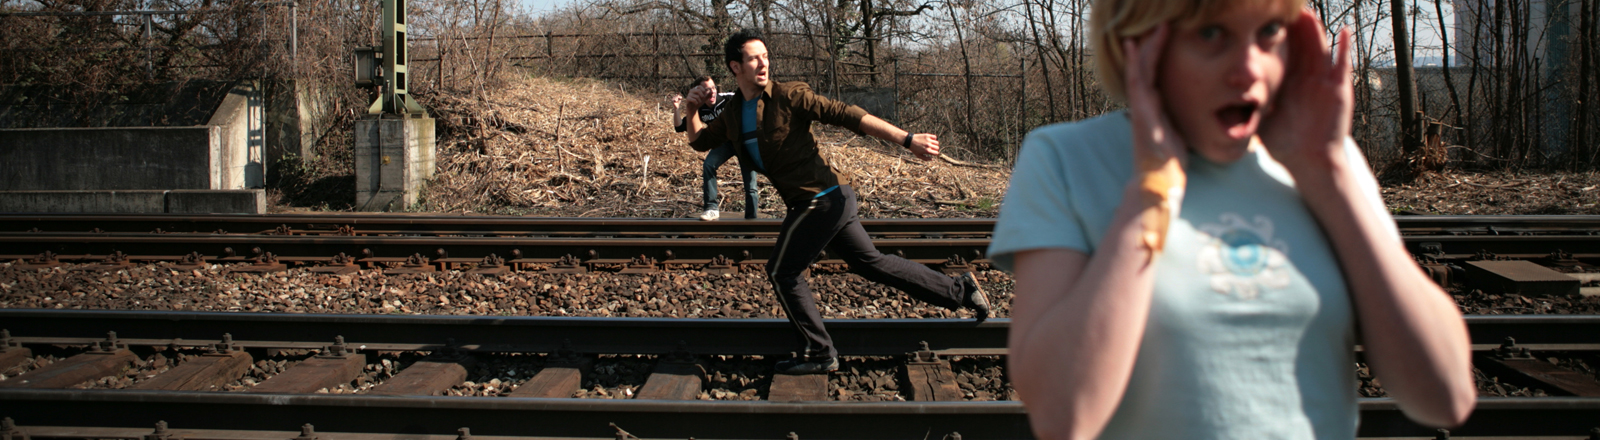 Ein Mann rennt auf einem Eisenbahngleis, eine Frau im Vordergrund schaut entsetzt.